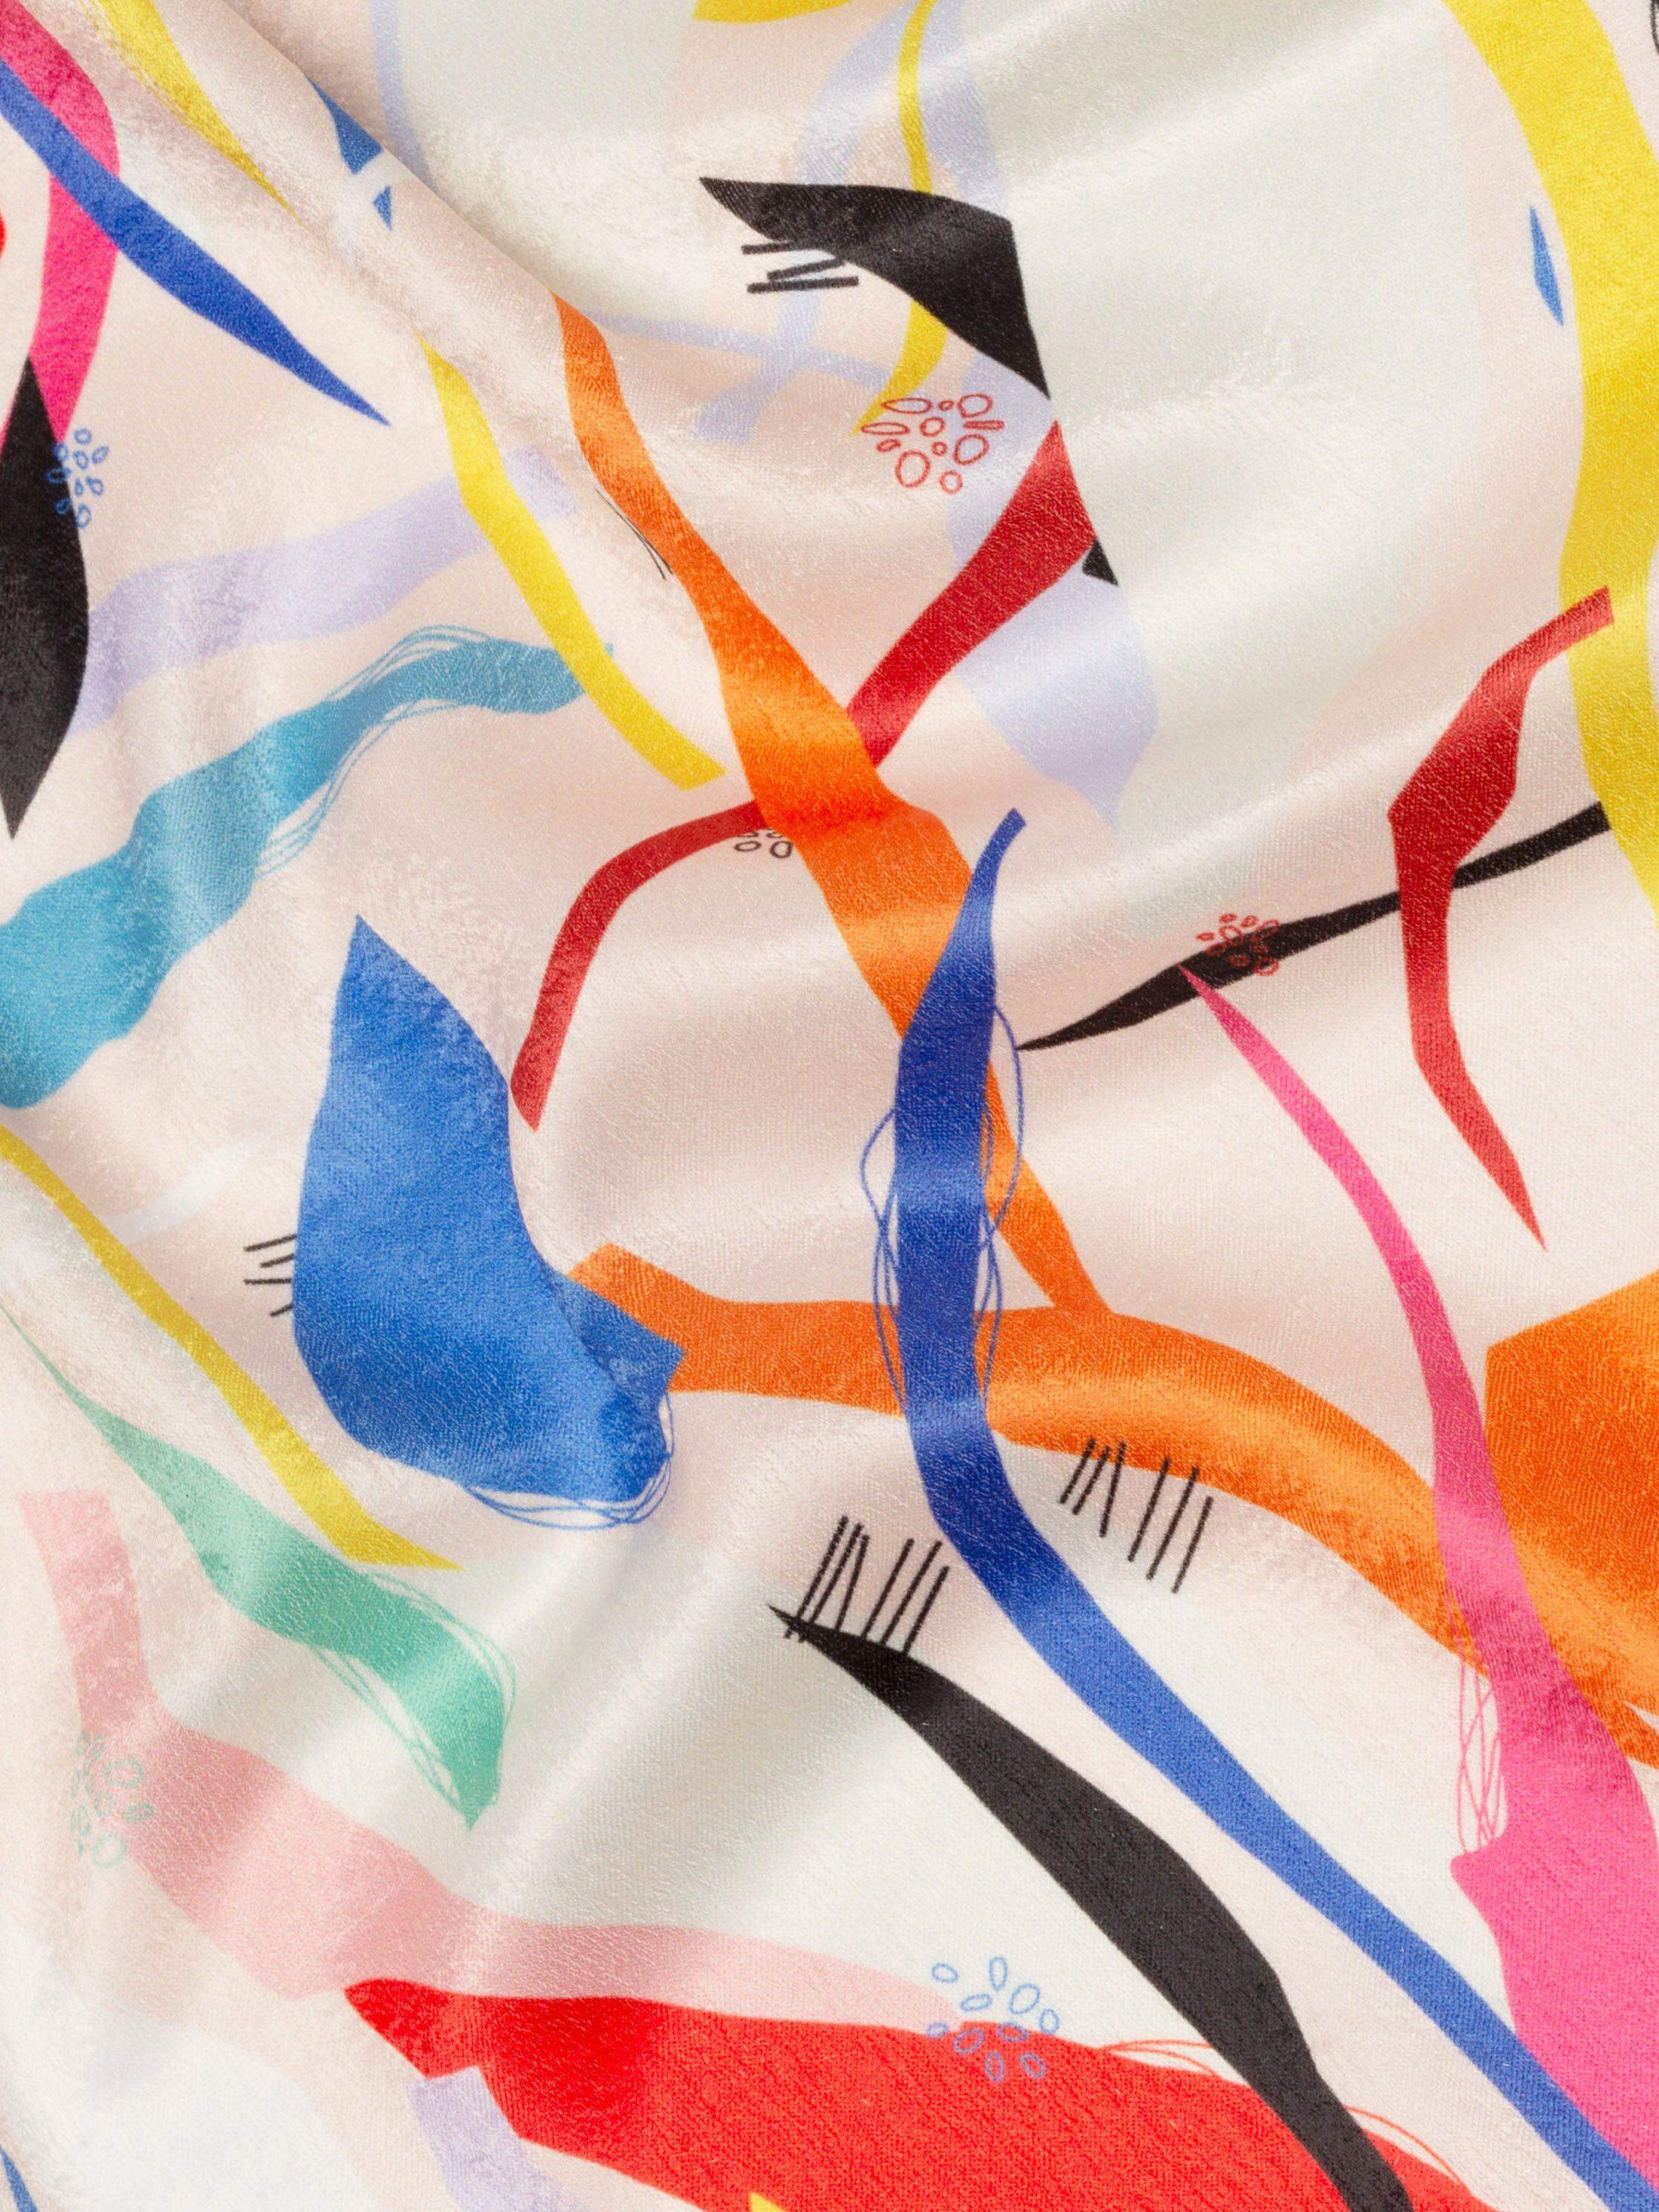 velvet fever poly satin fabric